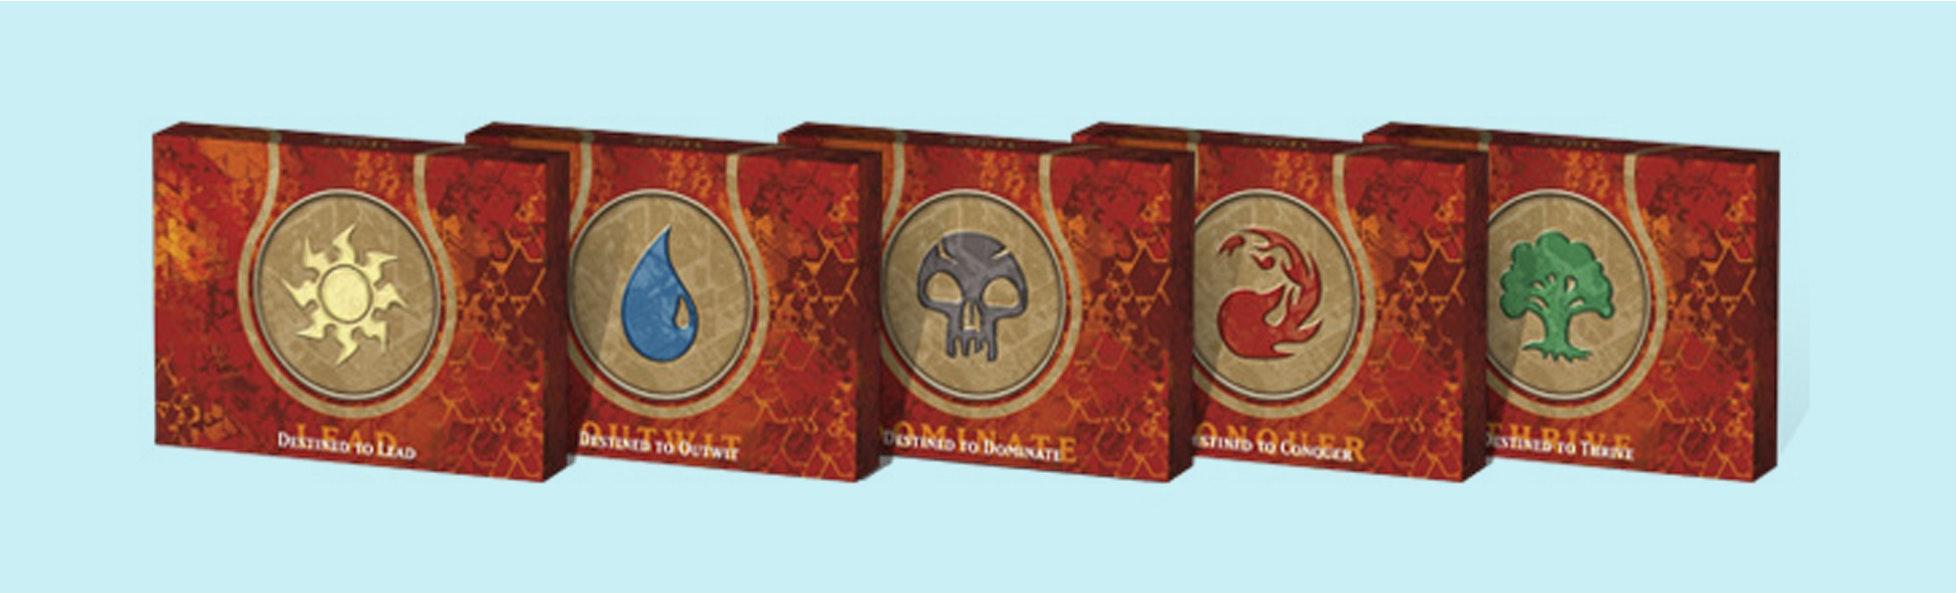 Born of the Gods Prerelease Kit 5-Pack